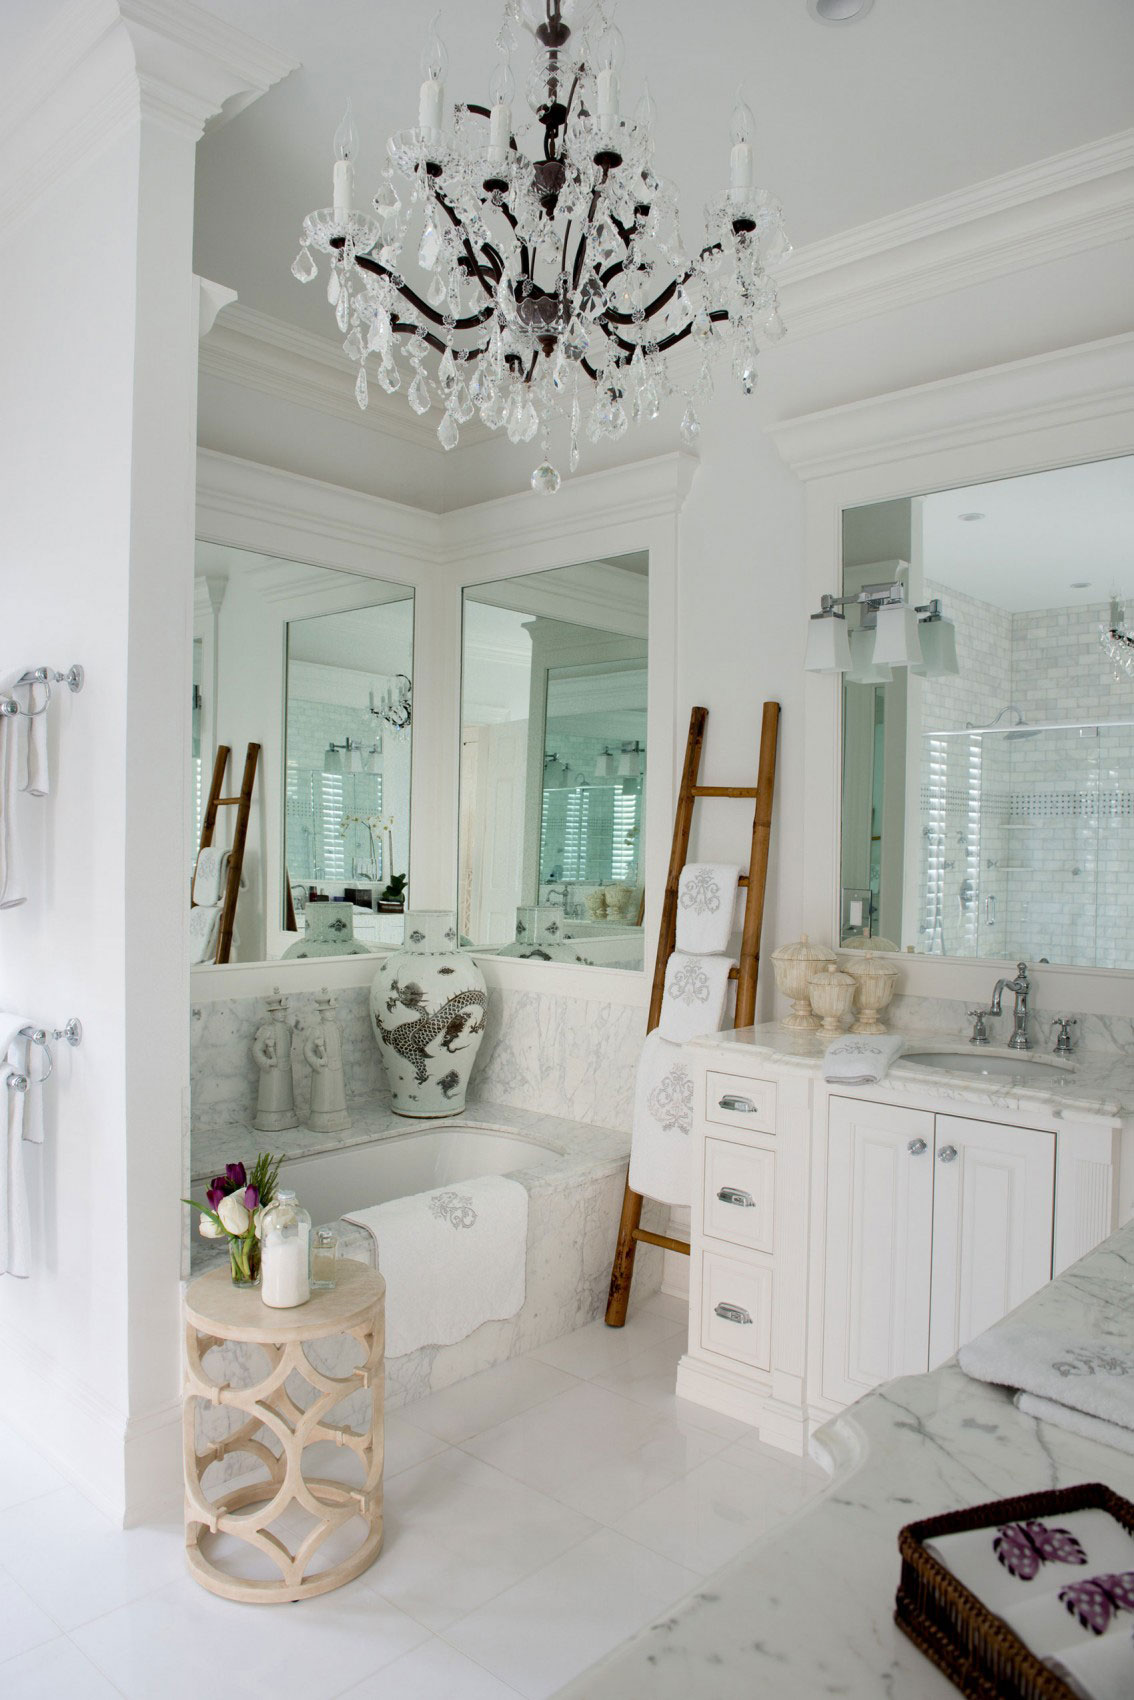 Trevligt badrum-inredning-design-värt att se-9 Trevligt-badrum-inredning design-värt att se